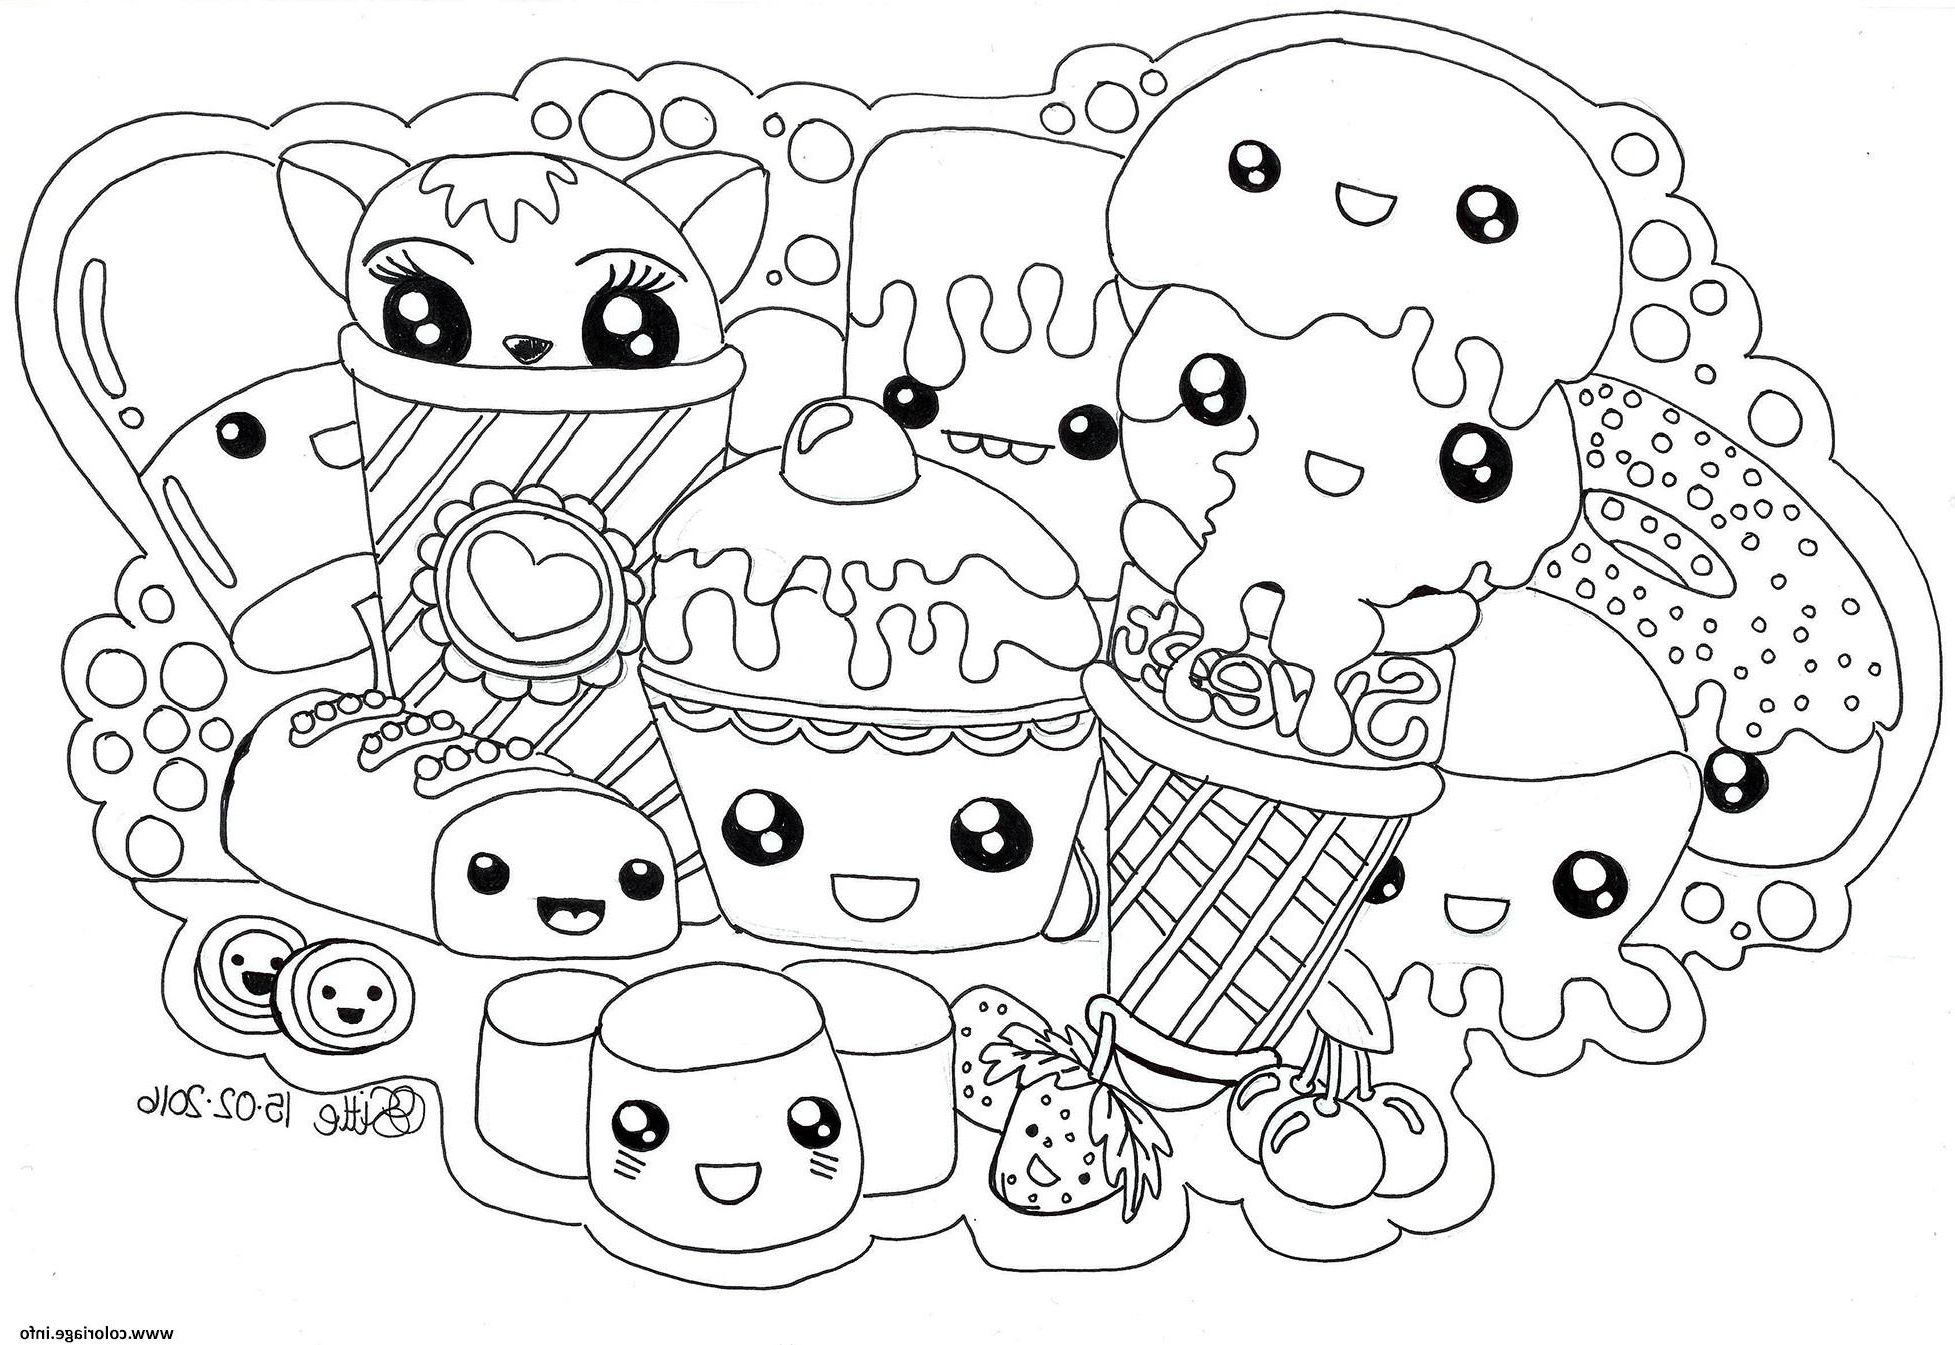 12 Beau De Coloriage Info Images Disney Coloring Pages Cute Coloring Pages Food Coloring Pages